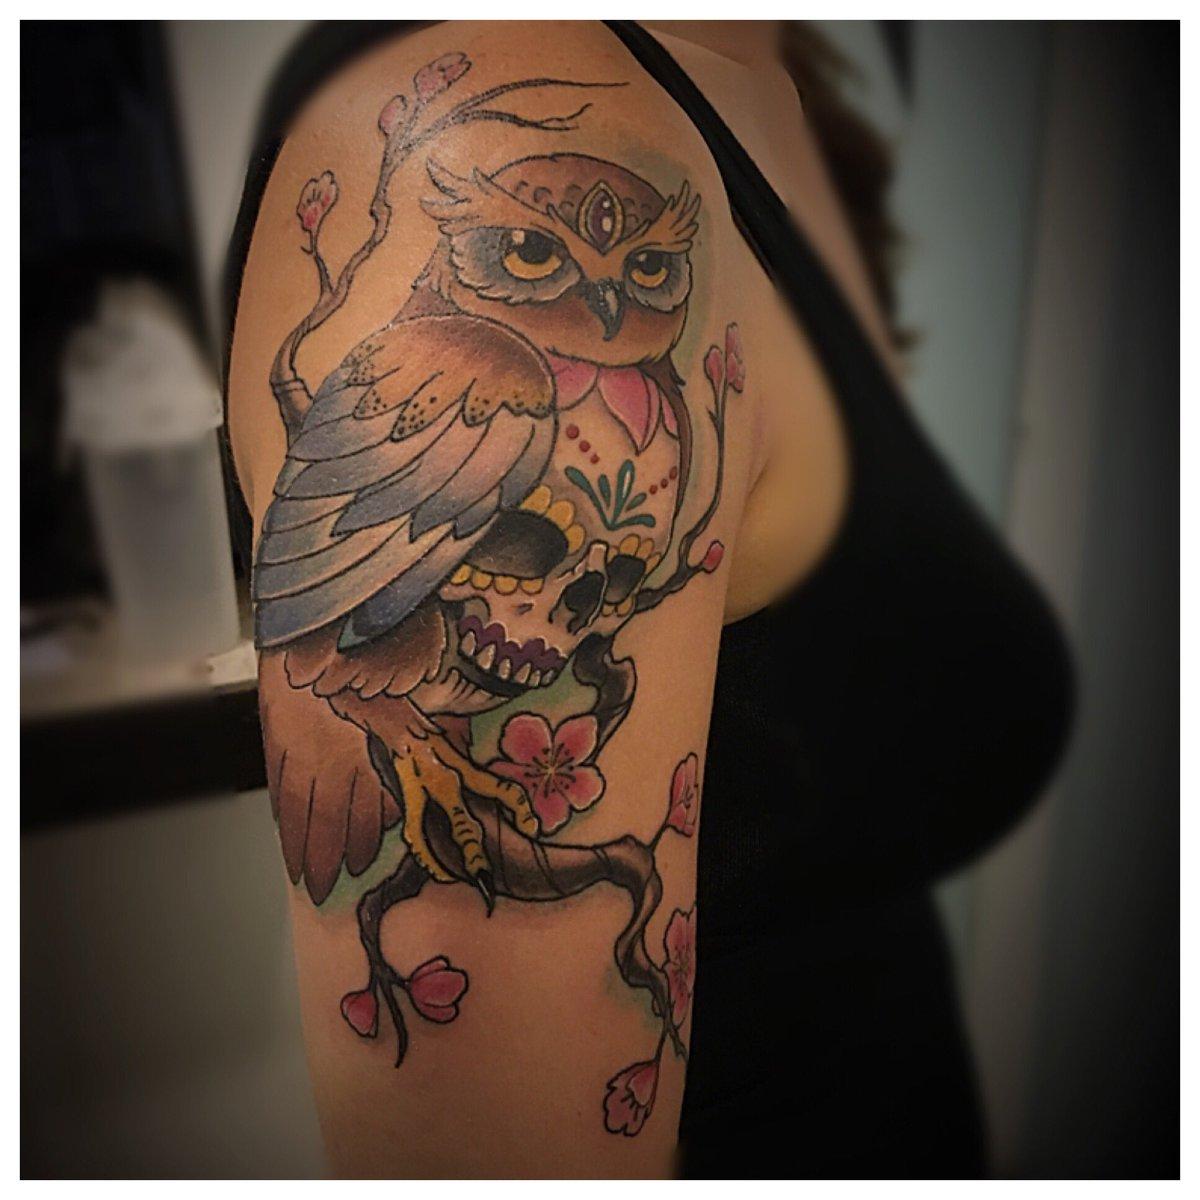 Five star tattoo elmira ny